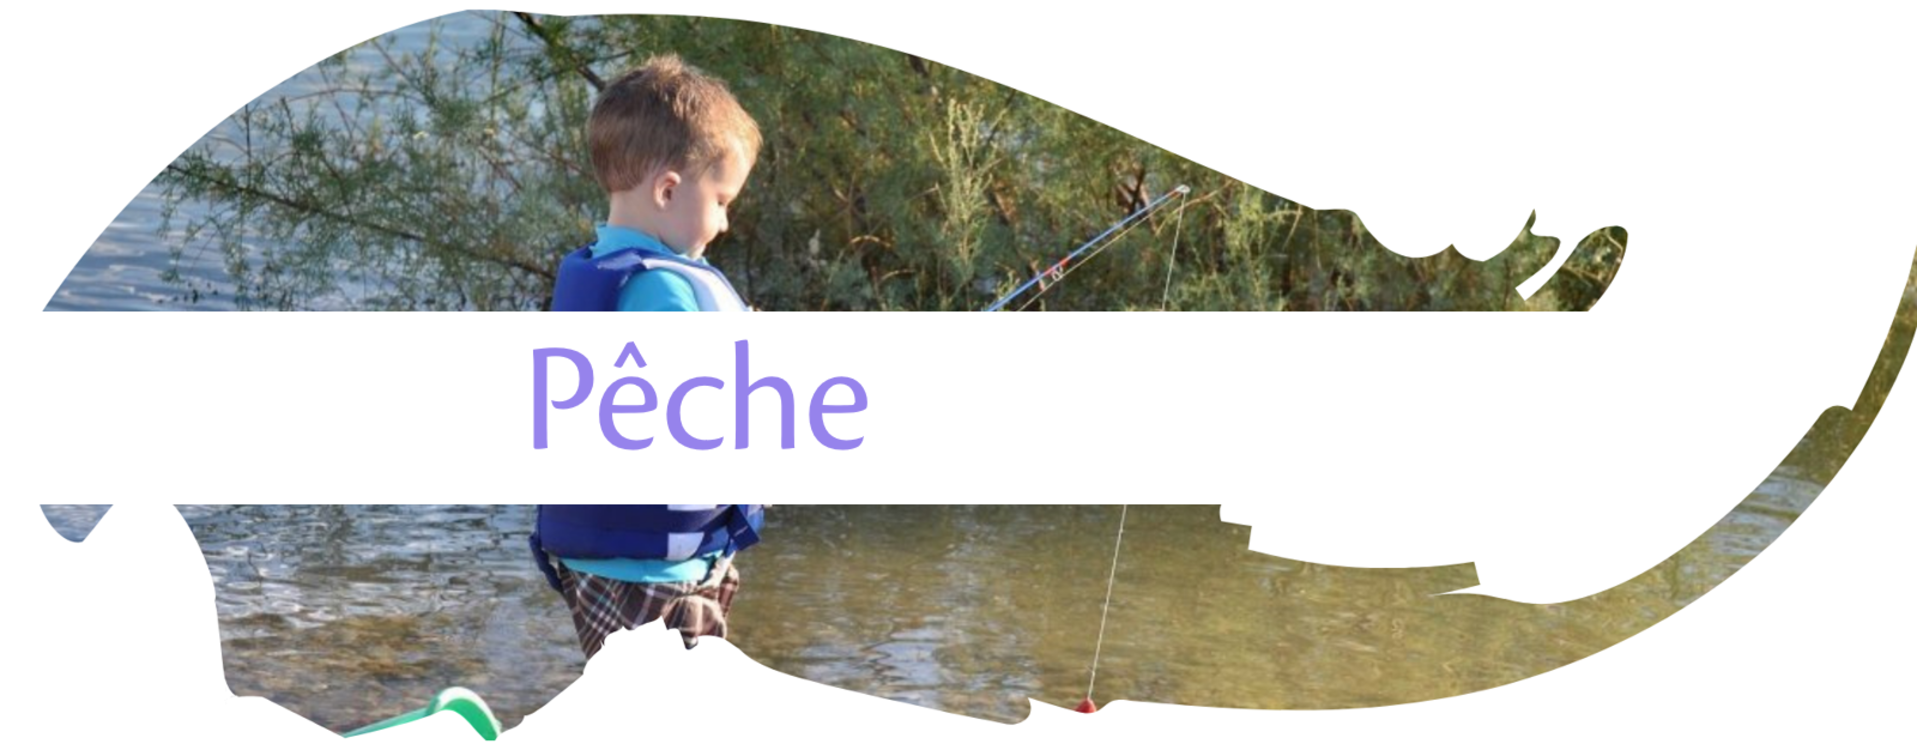 La pêche au lac de Sainte-Croix